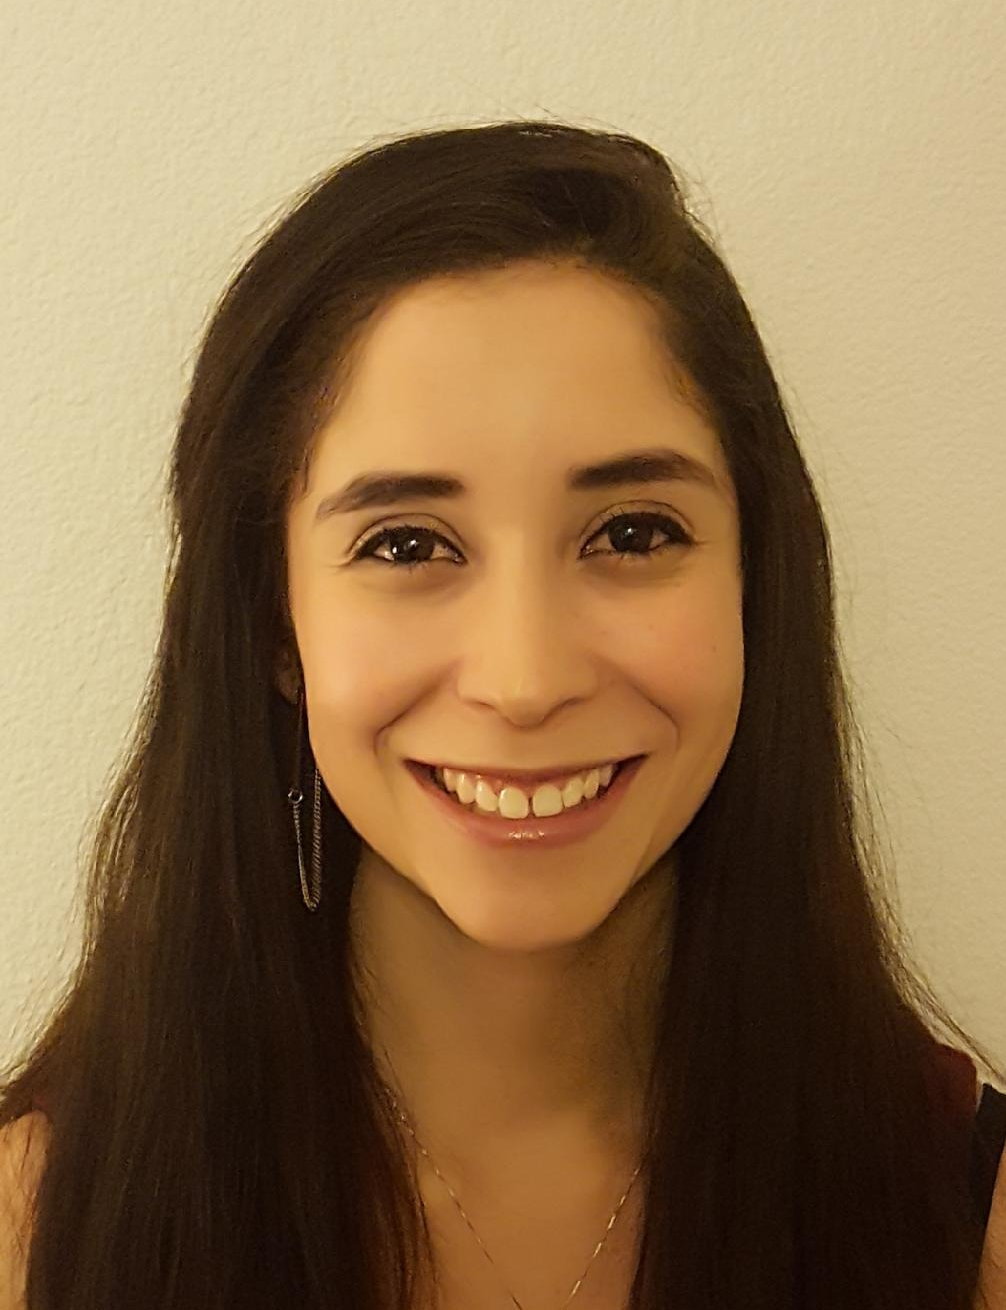 Melanie Ortega, C.N.A.